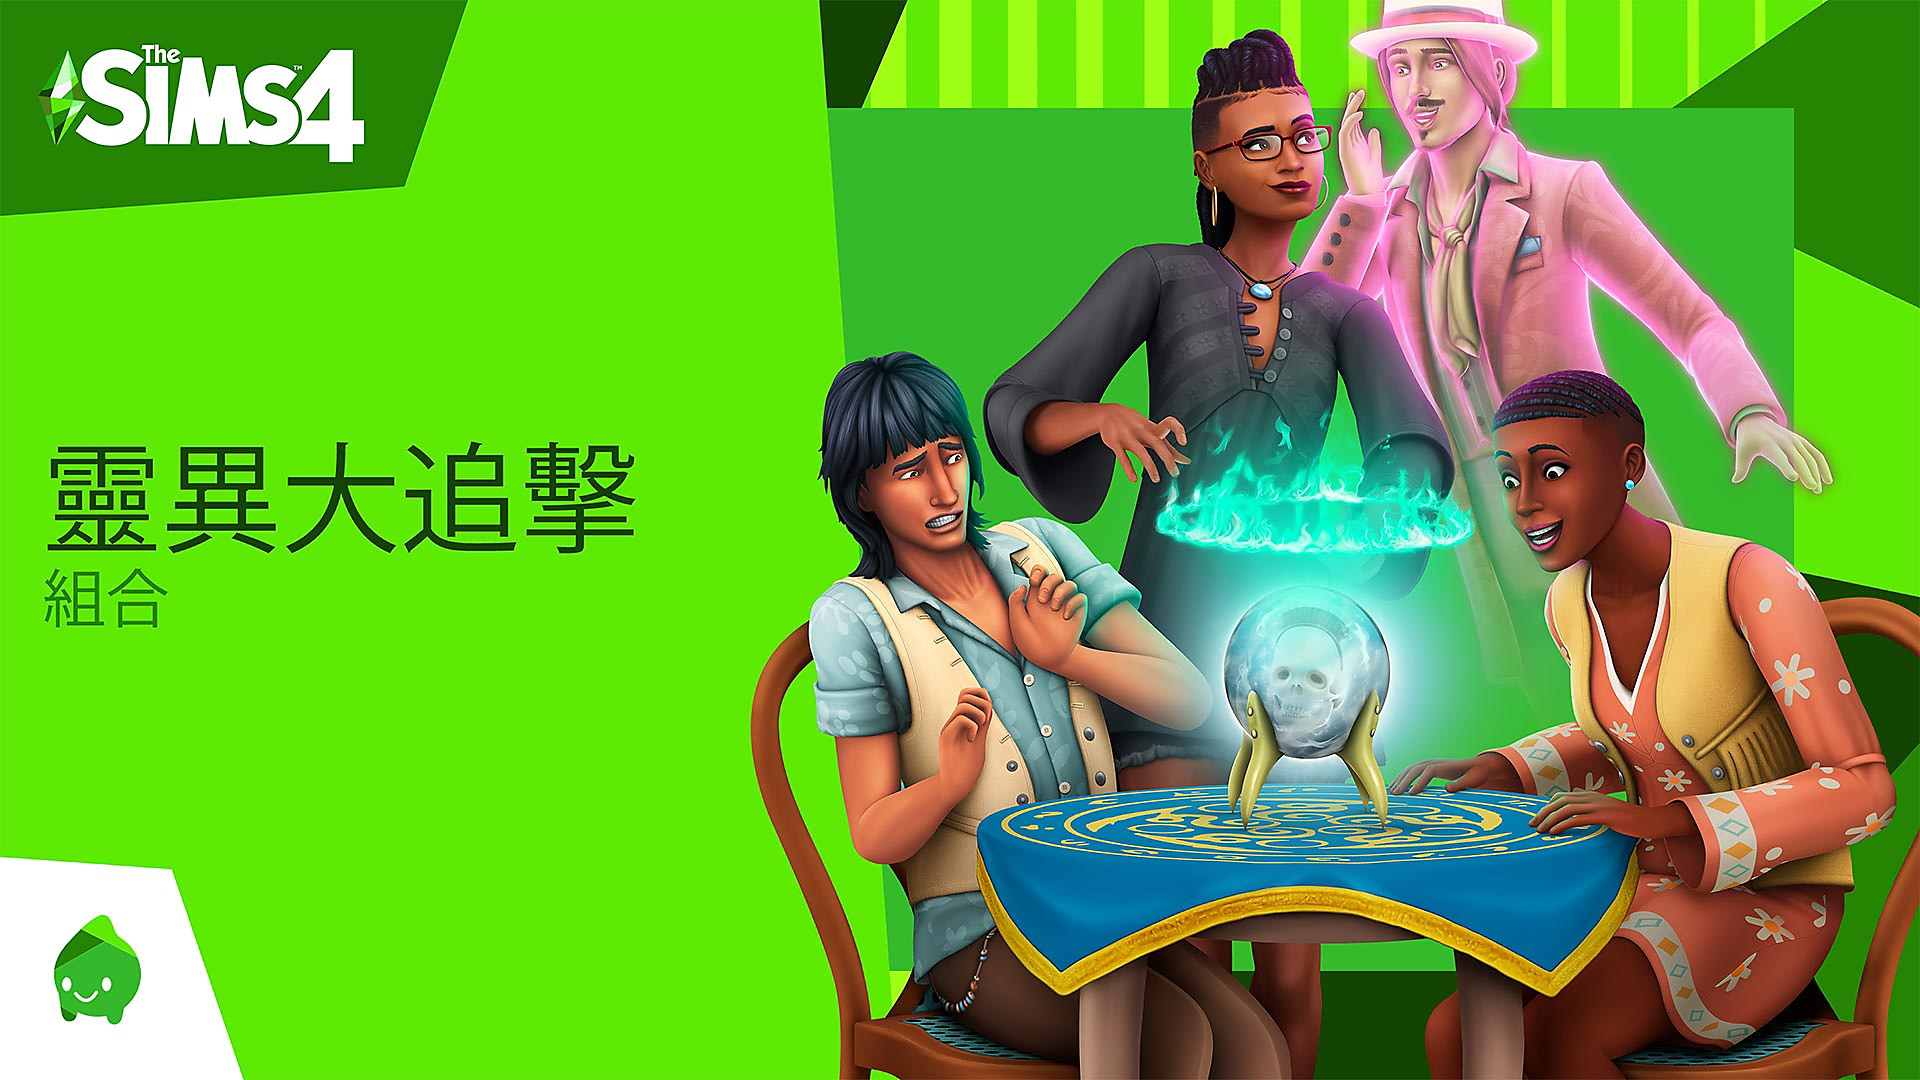 The Sims 4 靈異大追擊組合